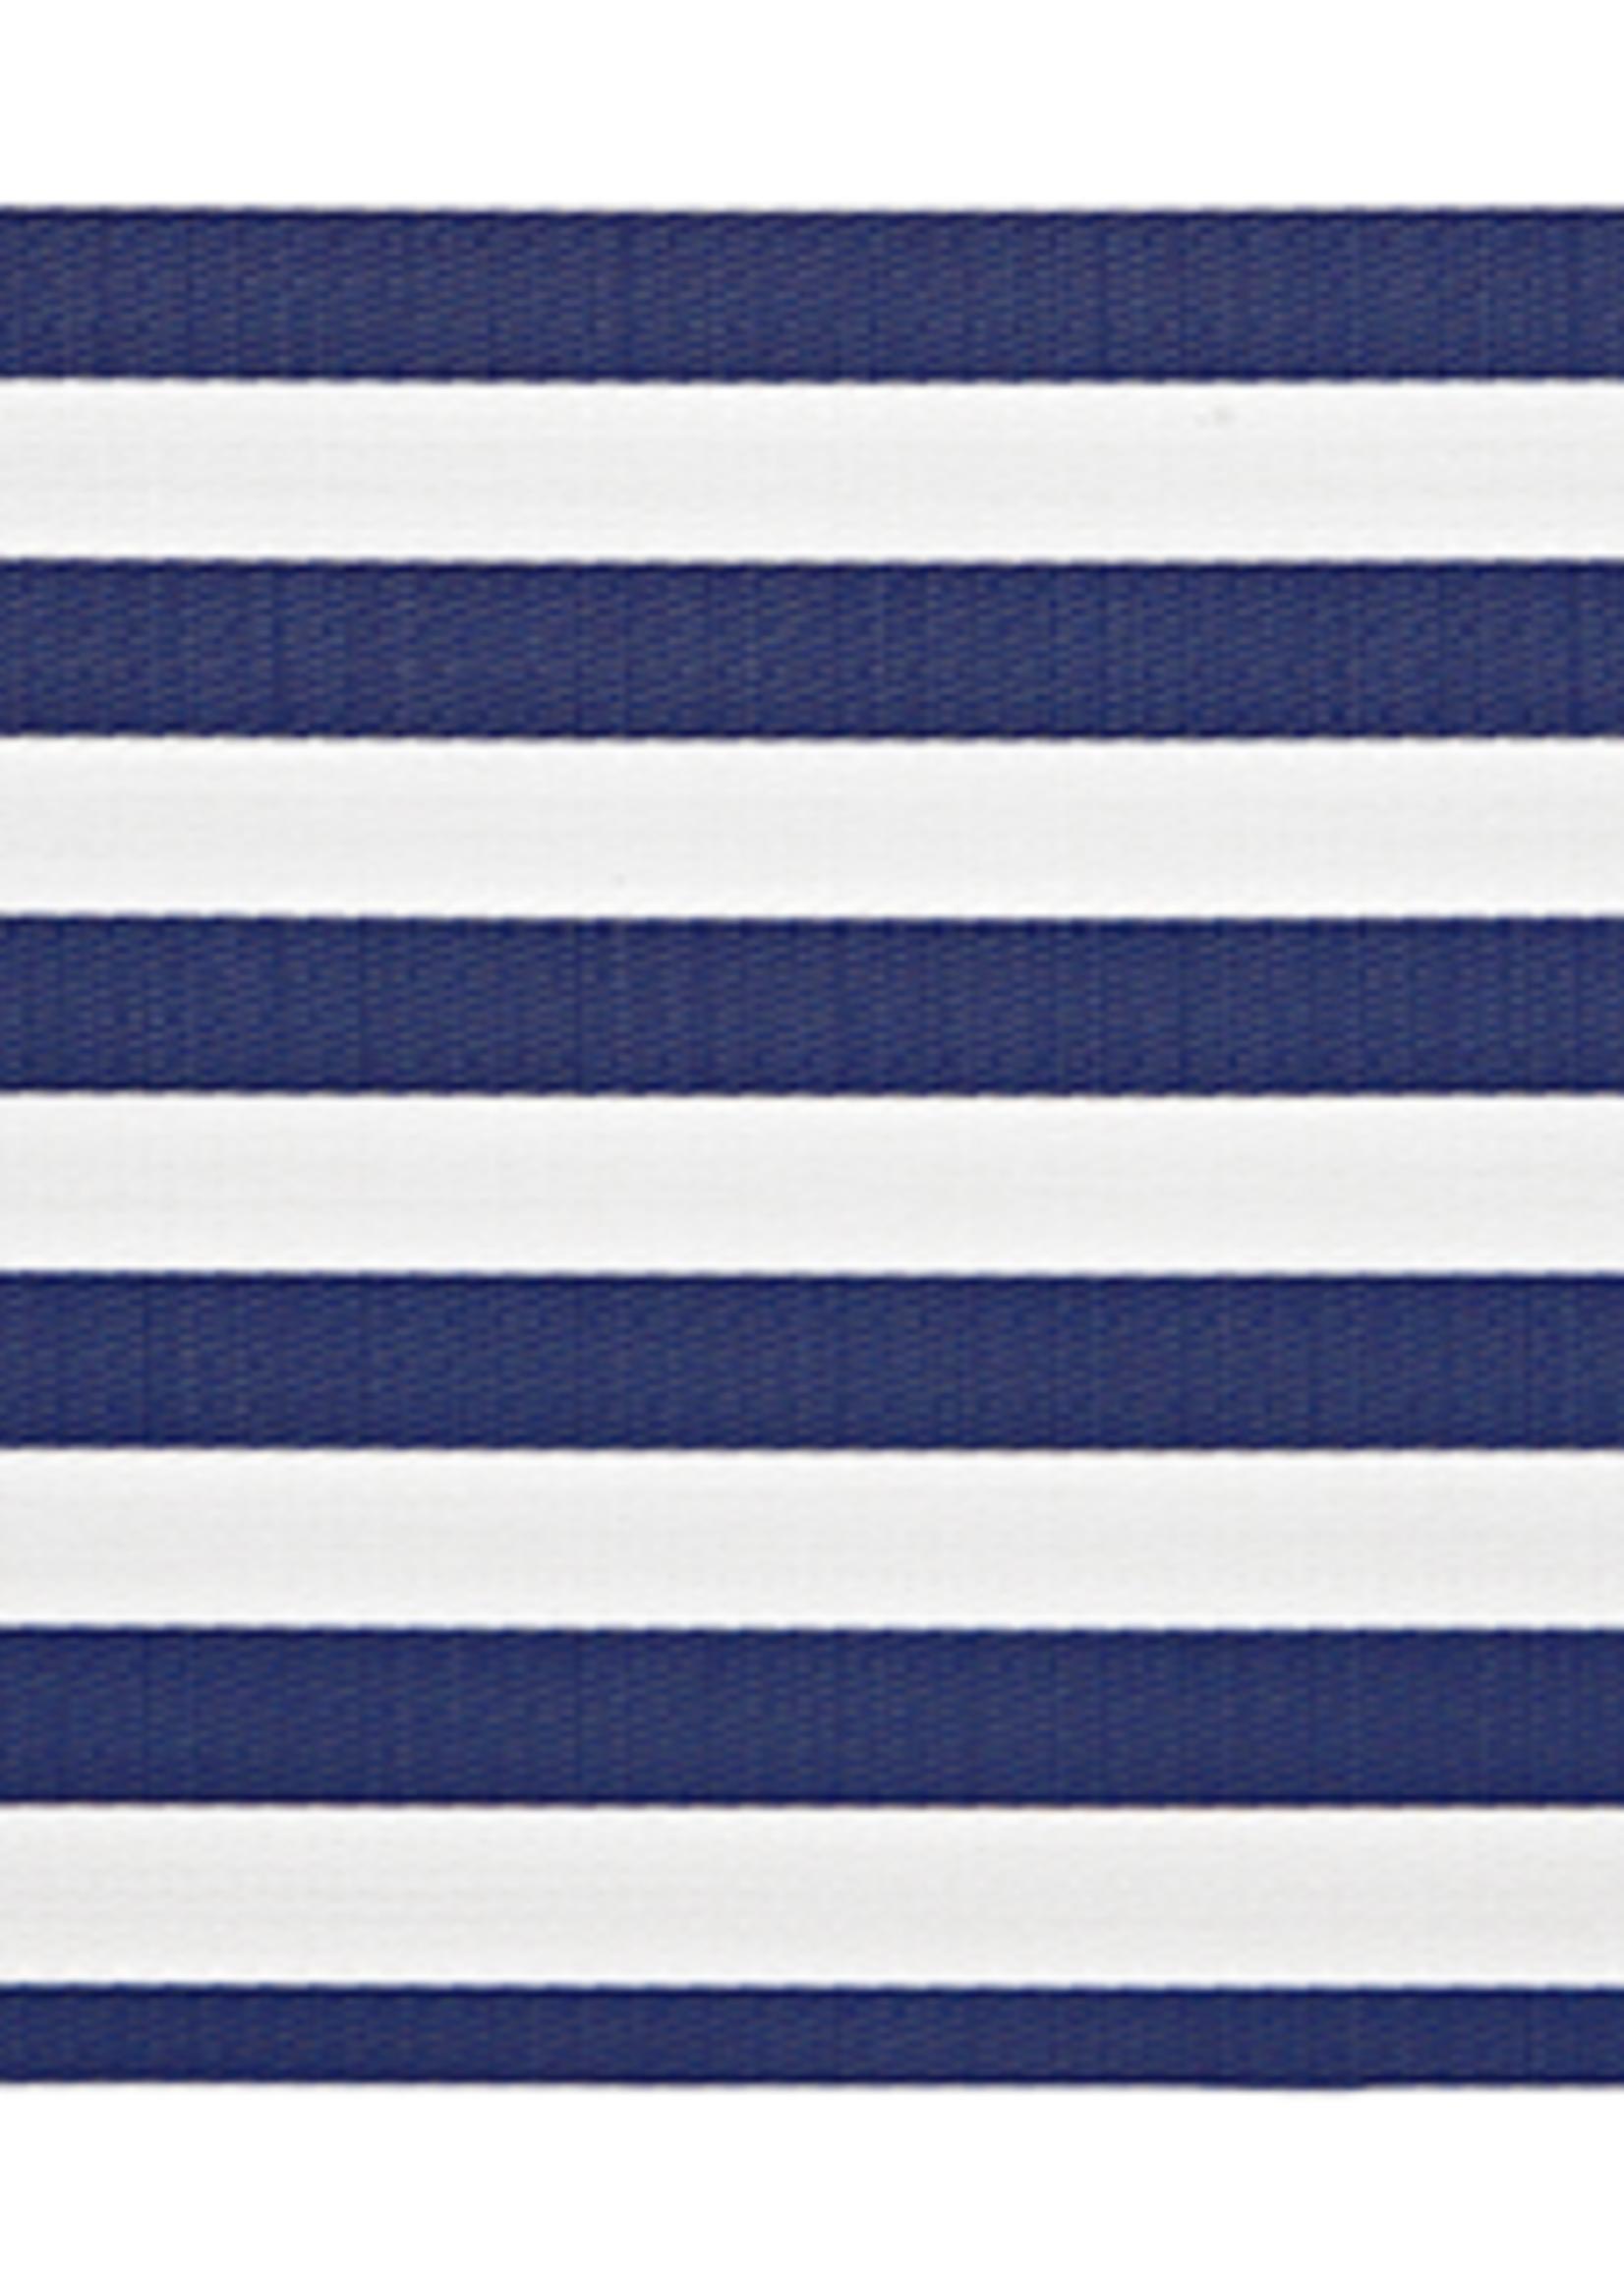 Harman Cabana Stripe Placemat- Navy